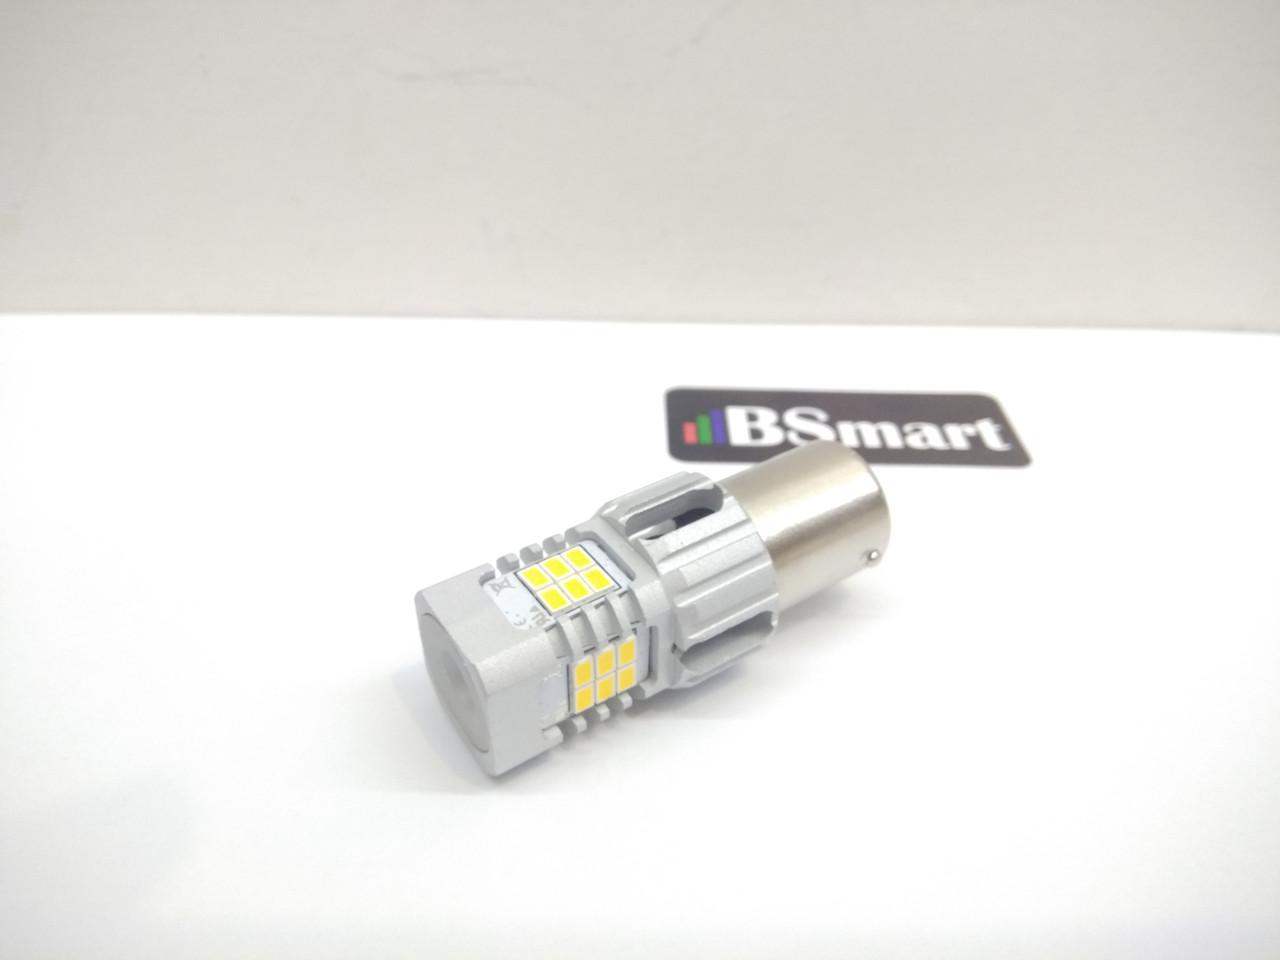 Автолампи світлодіодна LED BSmart LD 1156, P21W, BA15s, 12В, 21Вт CANBUS, Білий